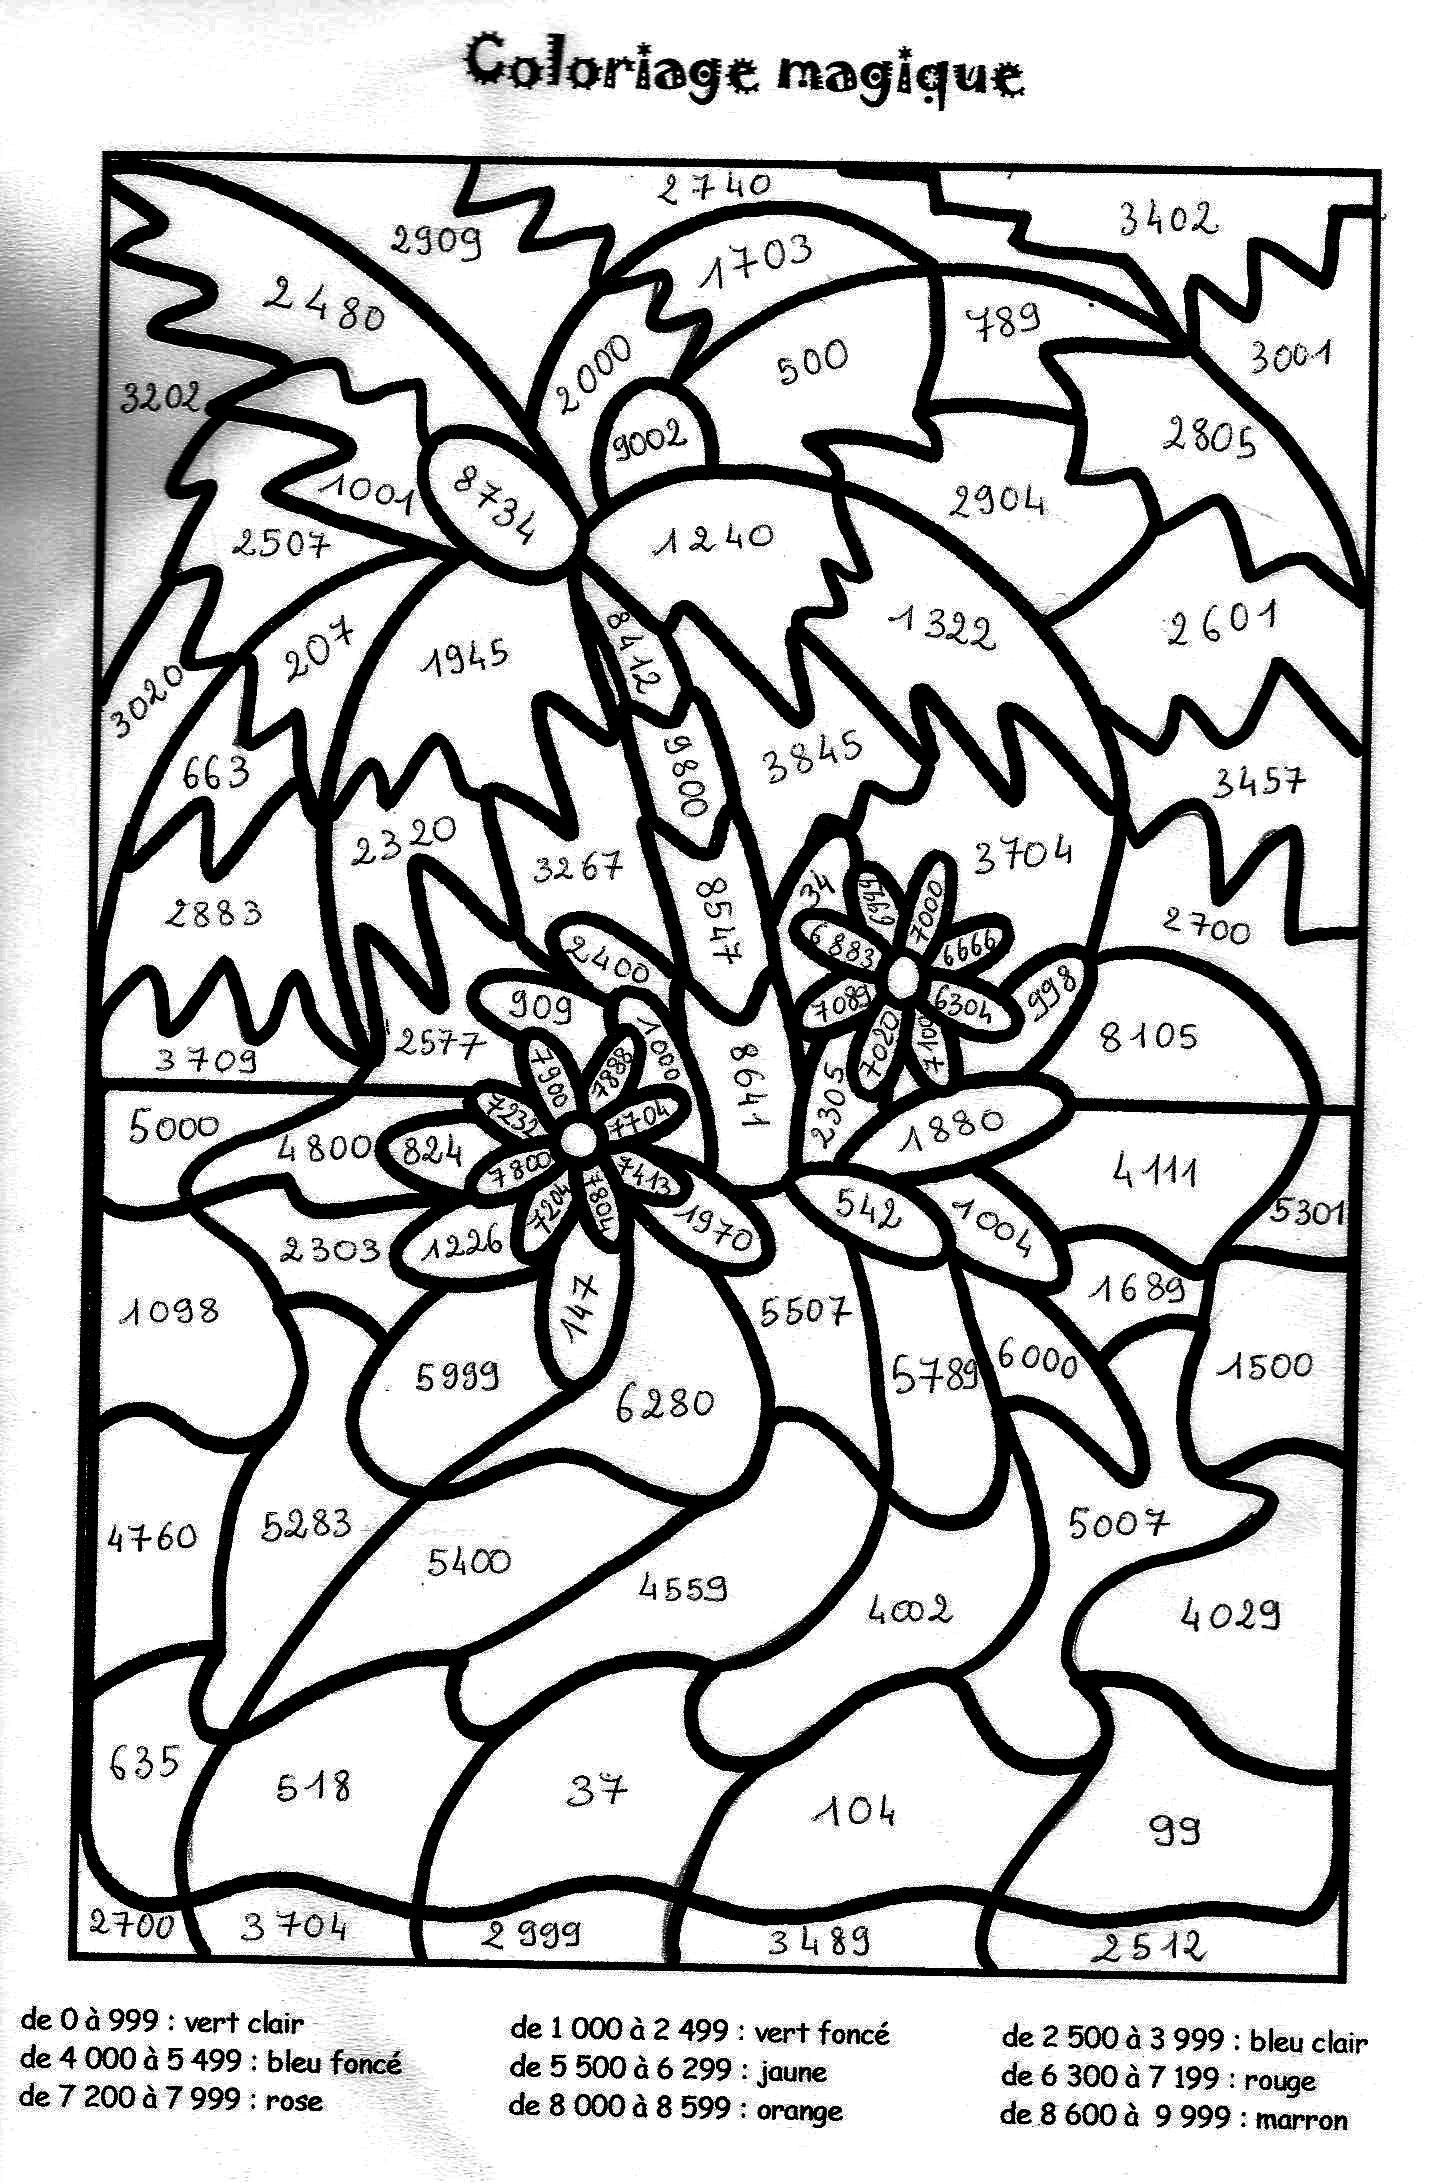 Coloriage dessiner magique fran ais cm1 cm2 - Coloriage magique cm1 francais ...